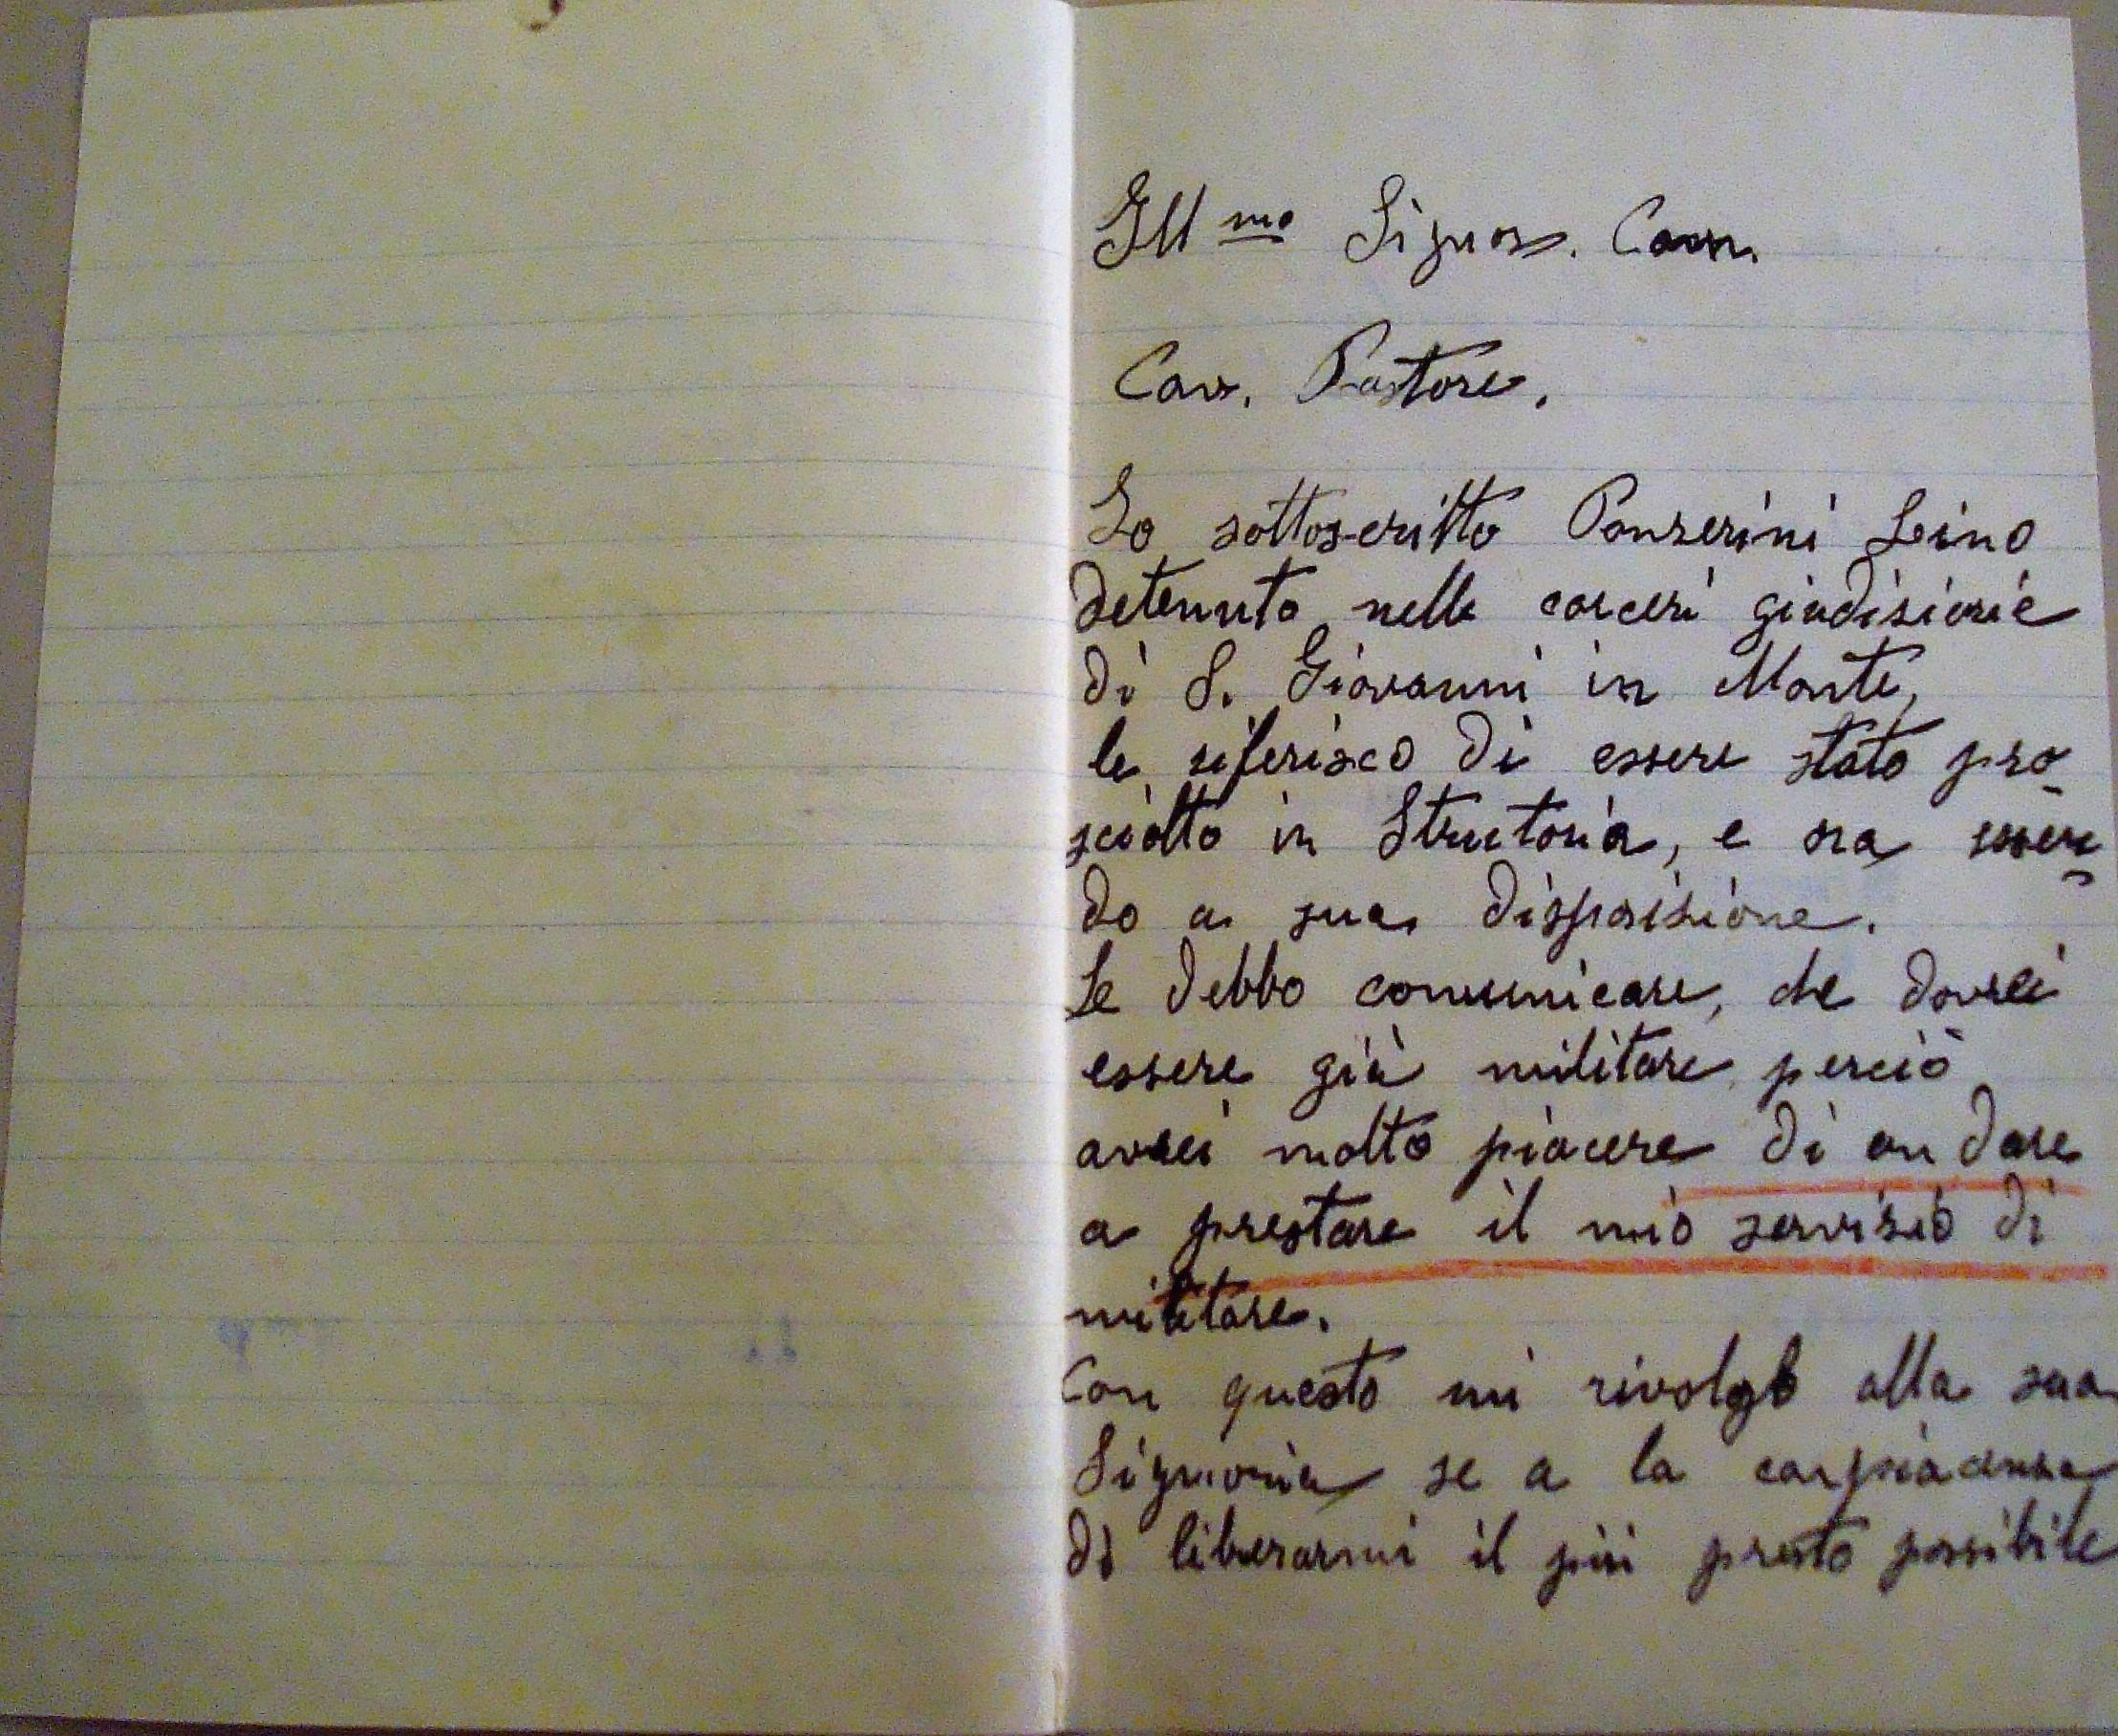 Istanza presentata da Lino Panzarini il 21-7-'31.Archivio di Stato BO.